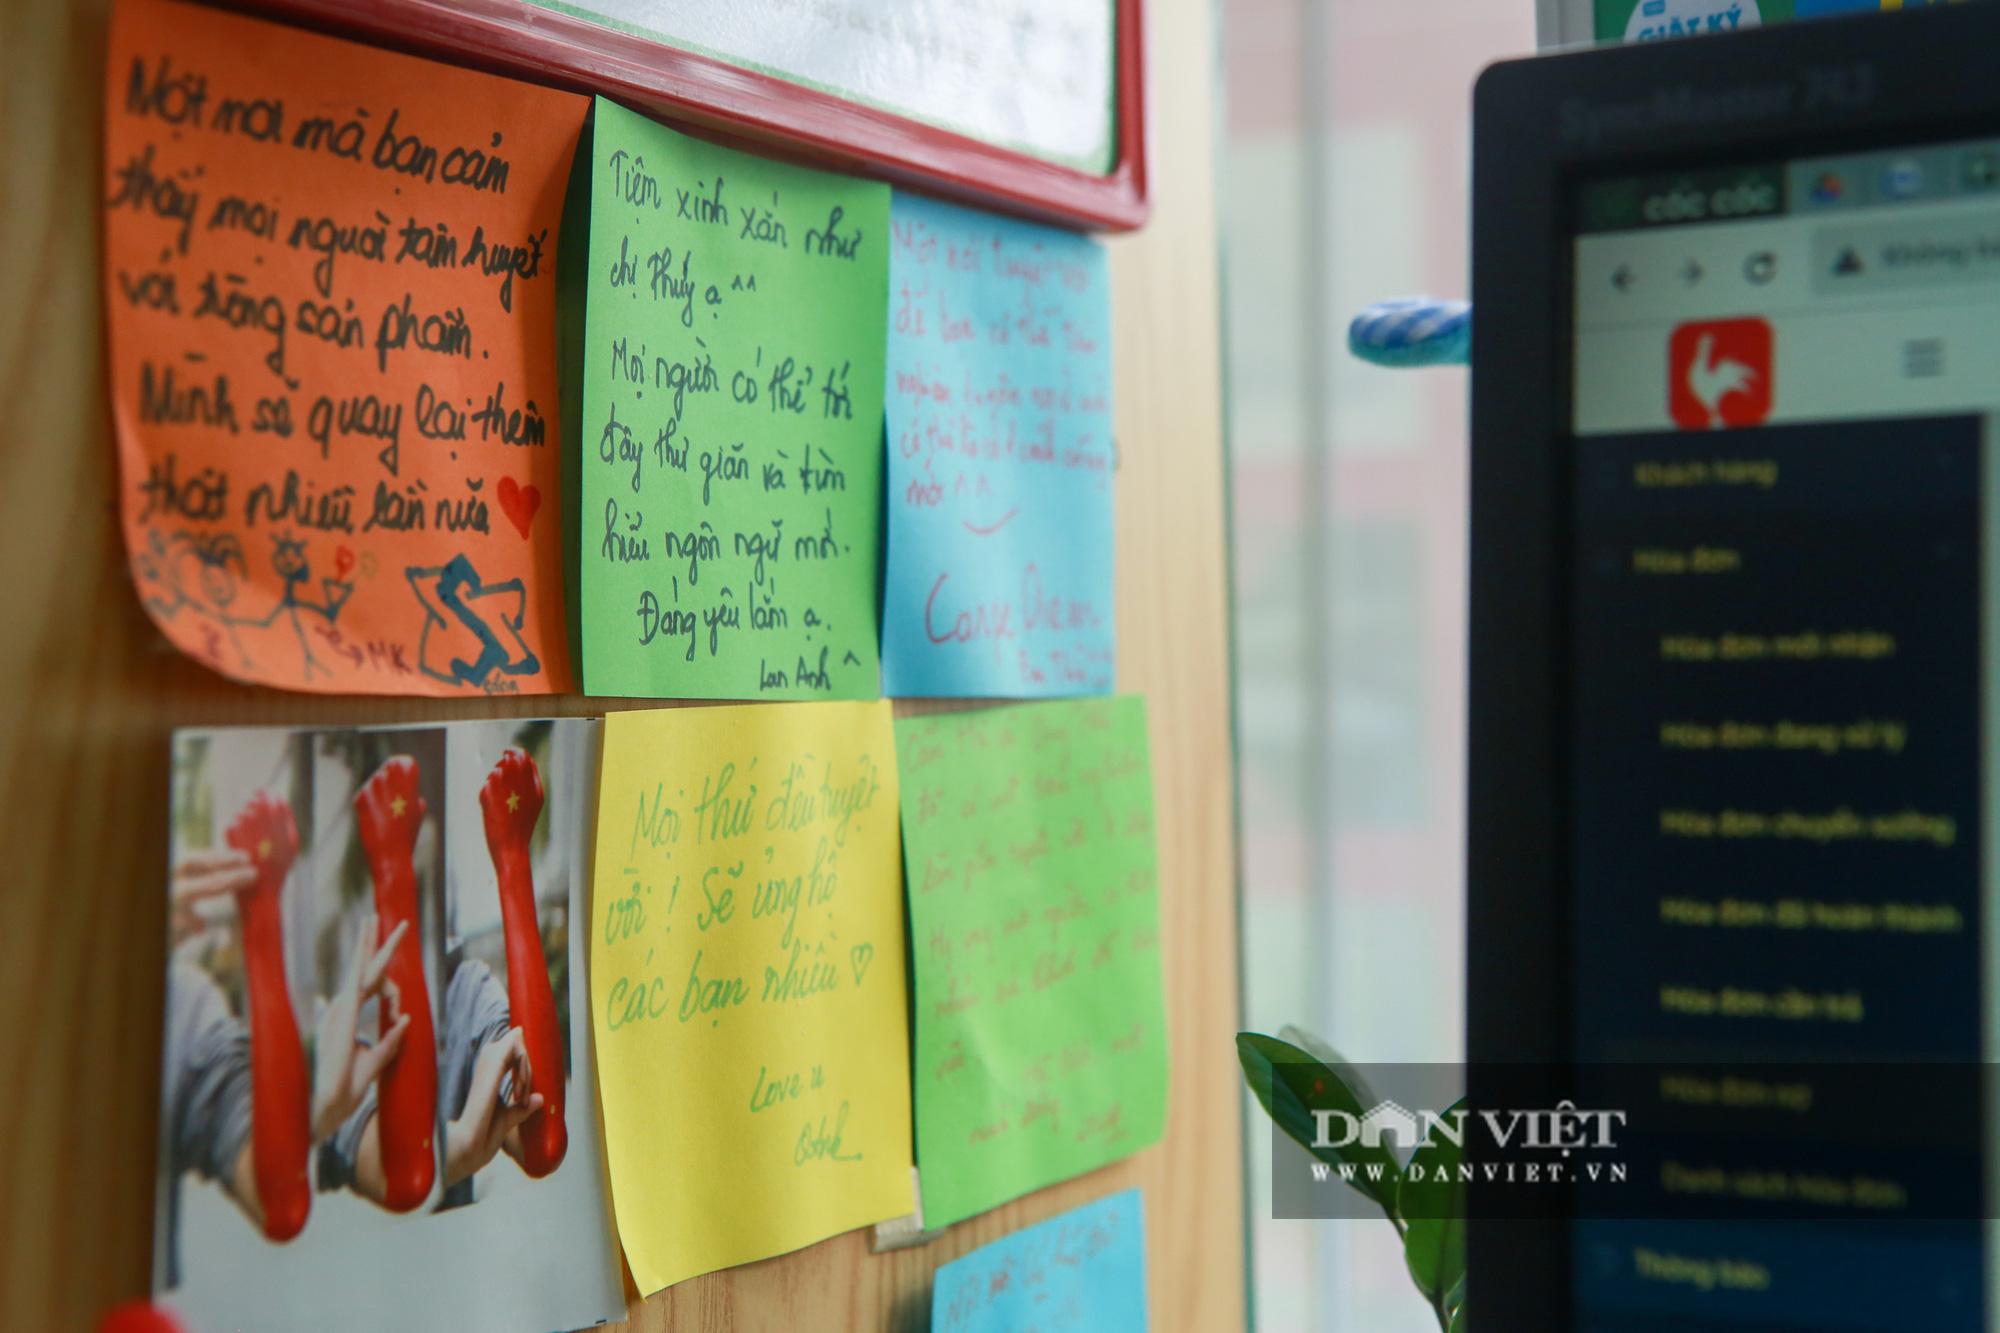 Tiệm giặt là không tiếng nói của những cô gái xinh đẹp tại Hà Nội - Ảnh 10.